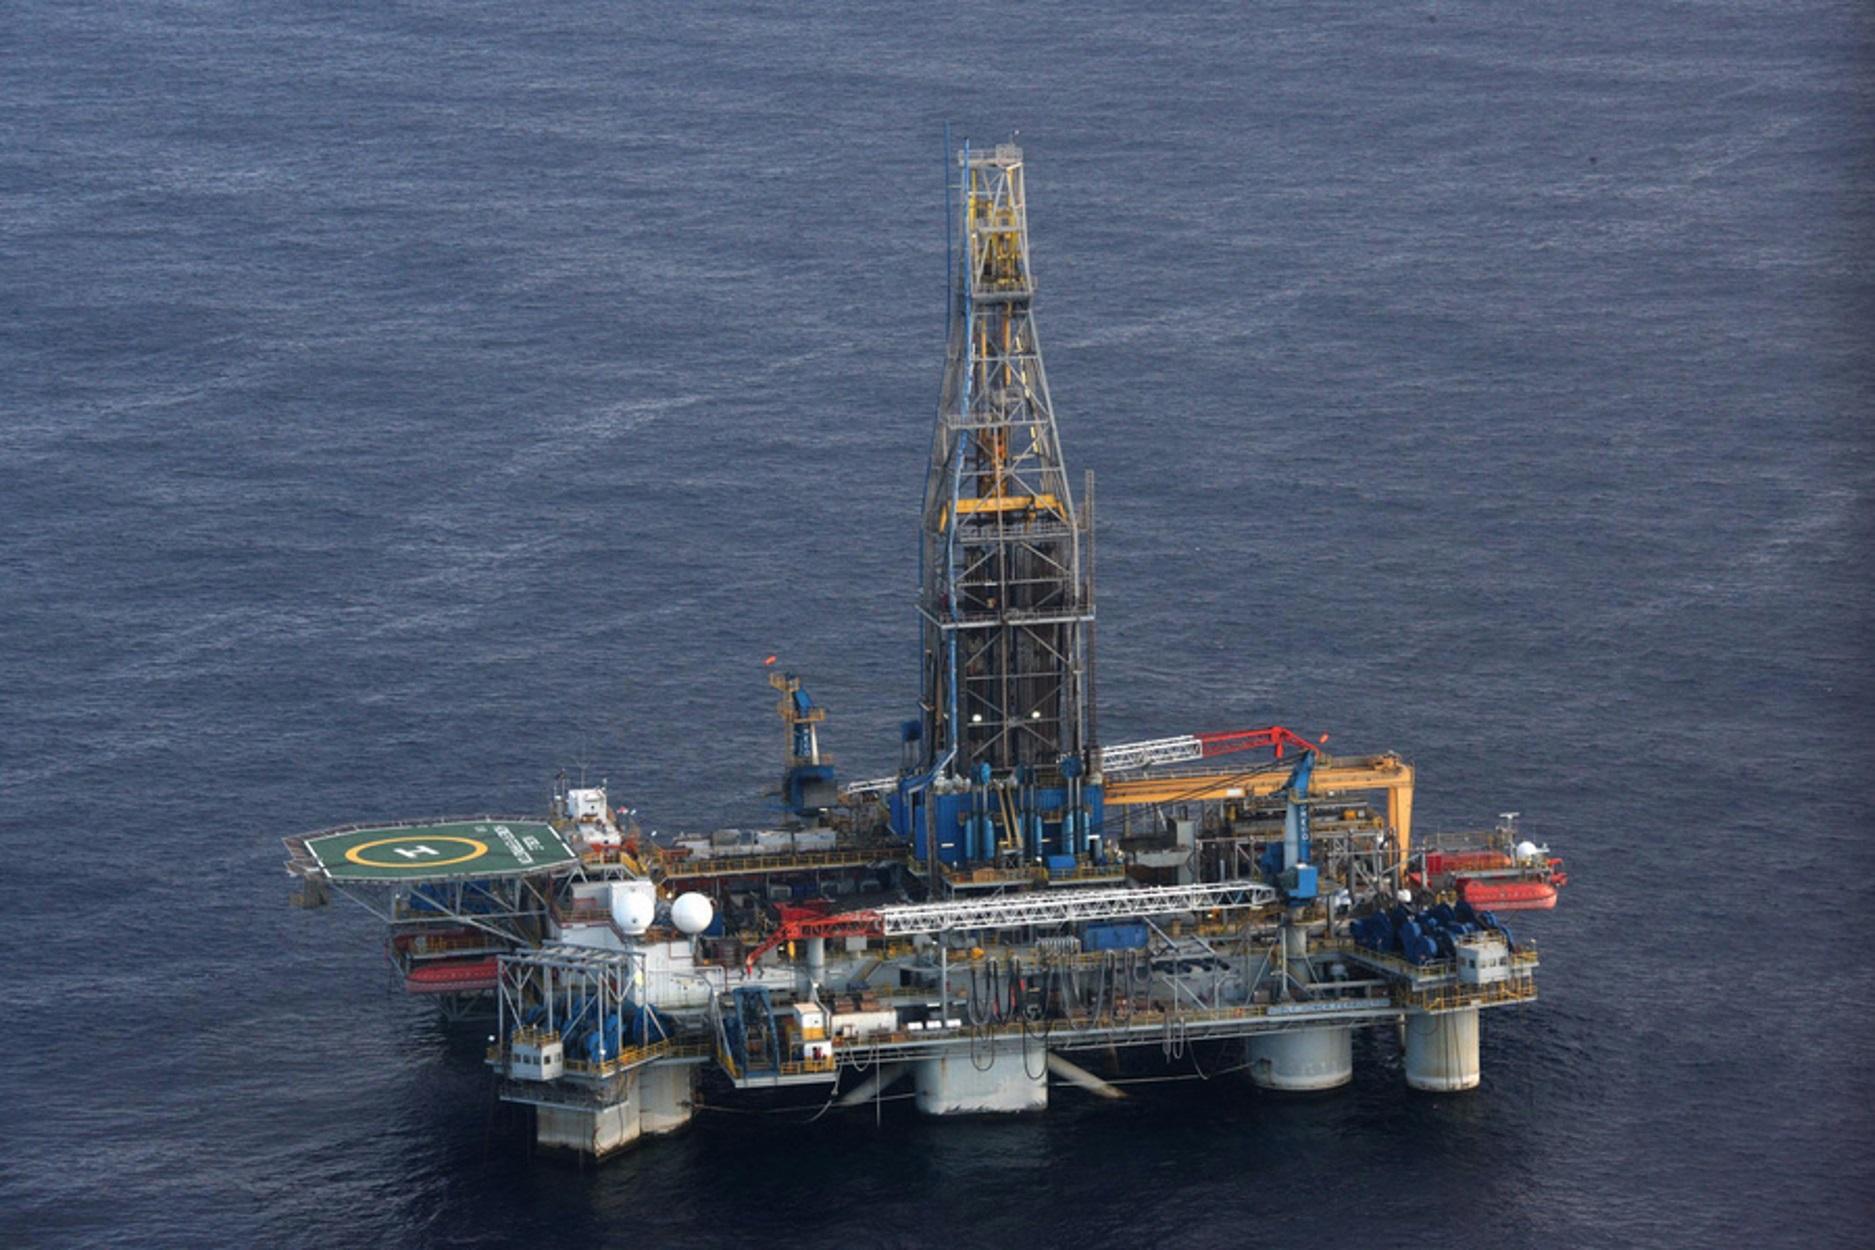 Κόλαφος η Γερμανία: «Λάθος μήνυμα» η ανακοίνωση της Τουρκίας για γεωτρήσεις στην Κύπρο